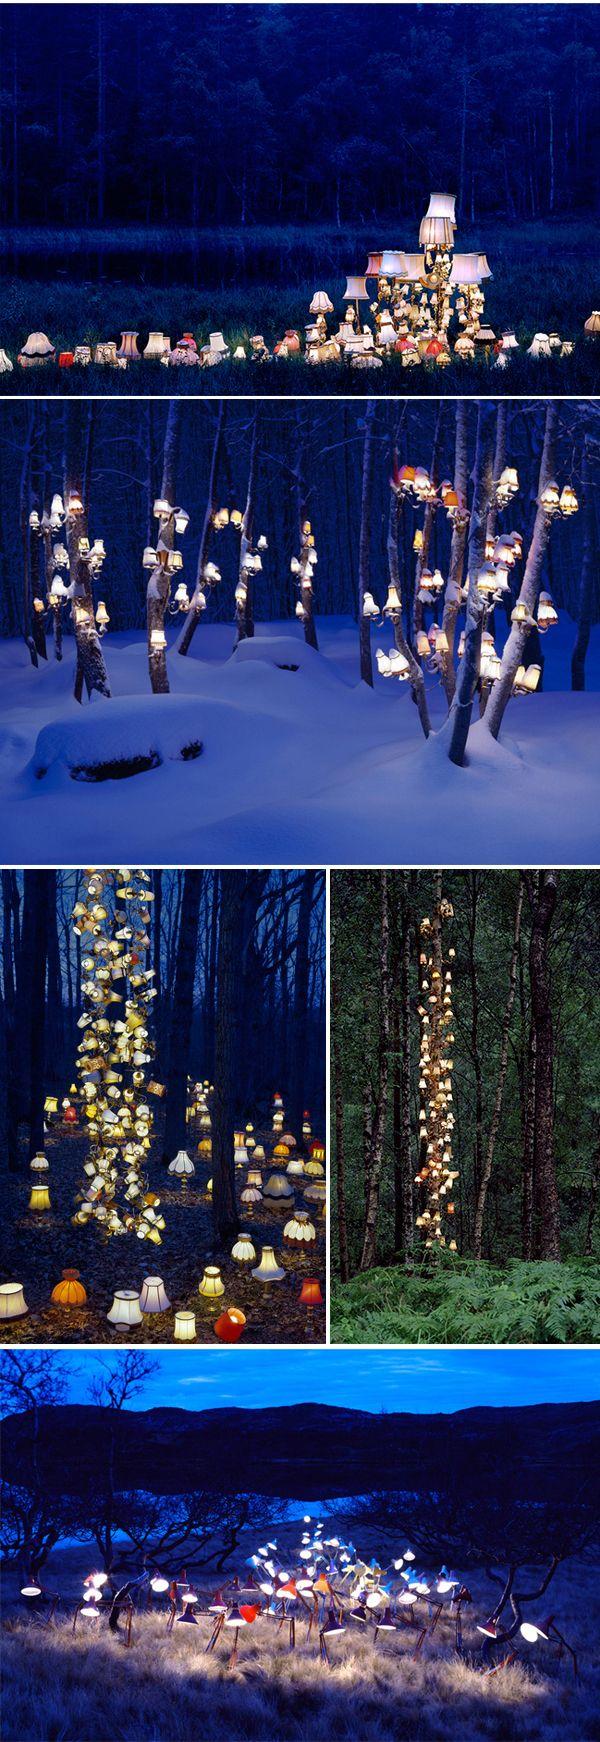 Outdoor lamp art arranged and photographed by Norwegian artist Rune Guneriussen